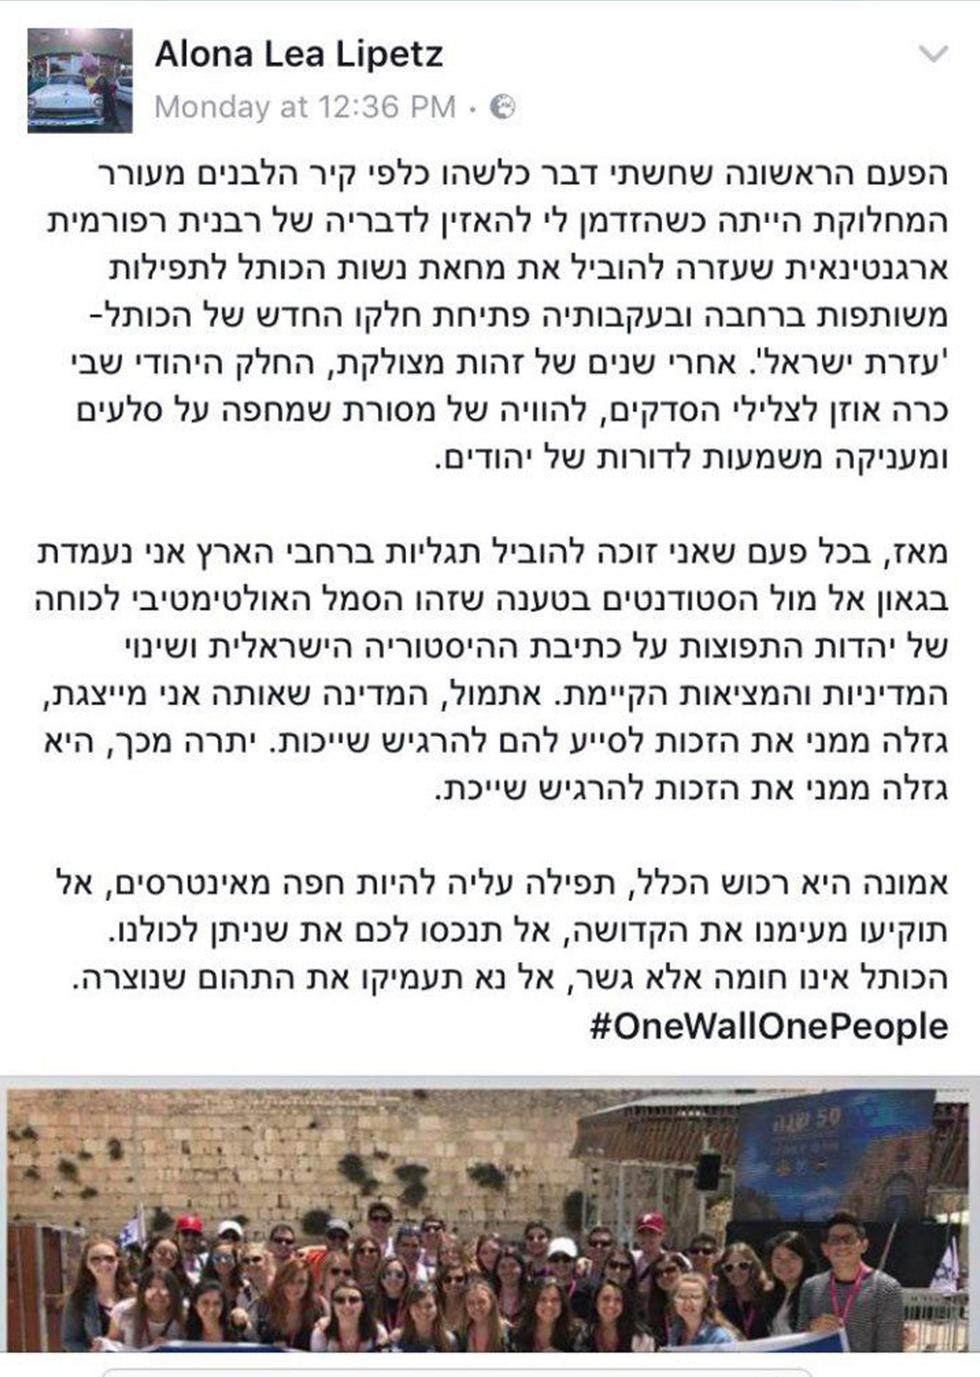 שליחת סוכנות יהודית שכותבת על הסכנה מפני החלטות הממשלה ()